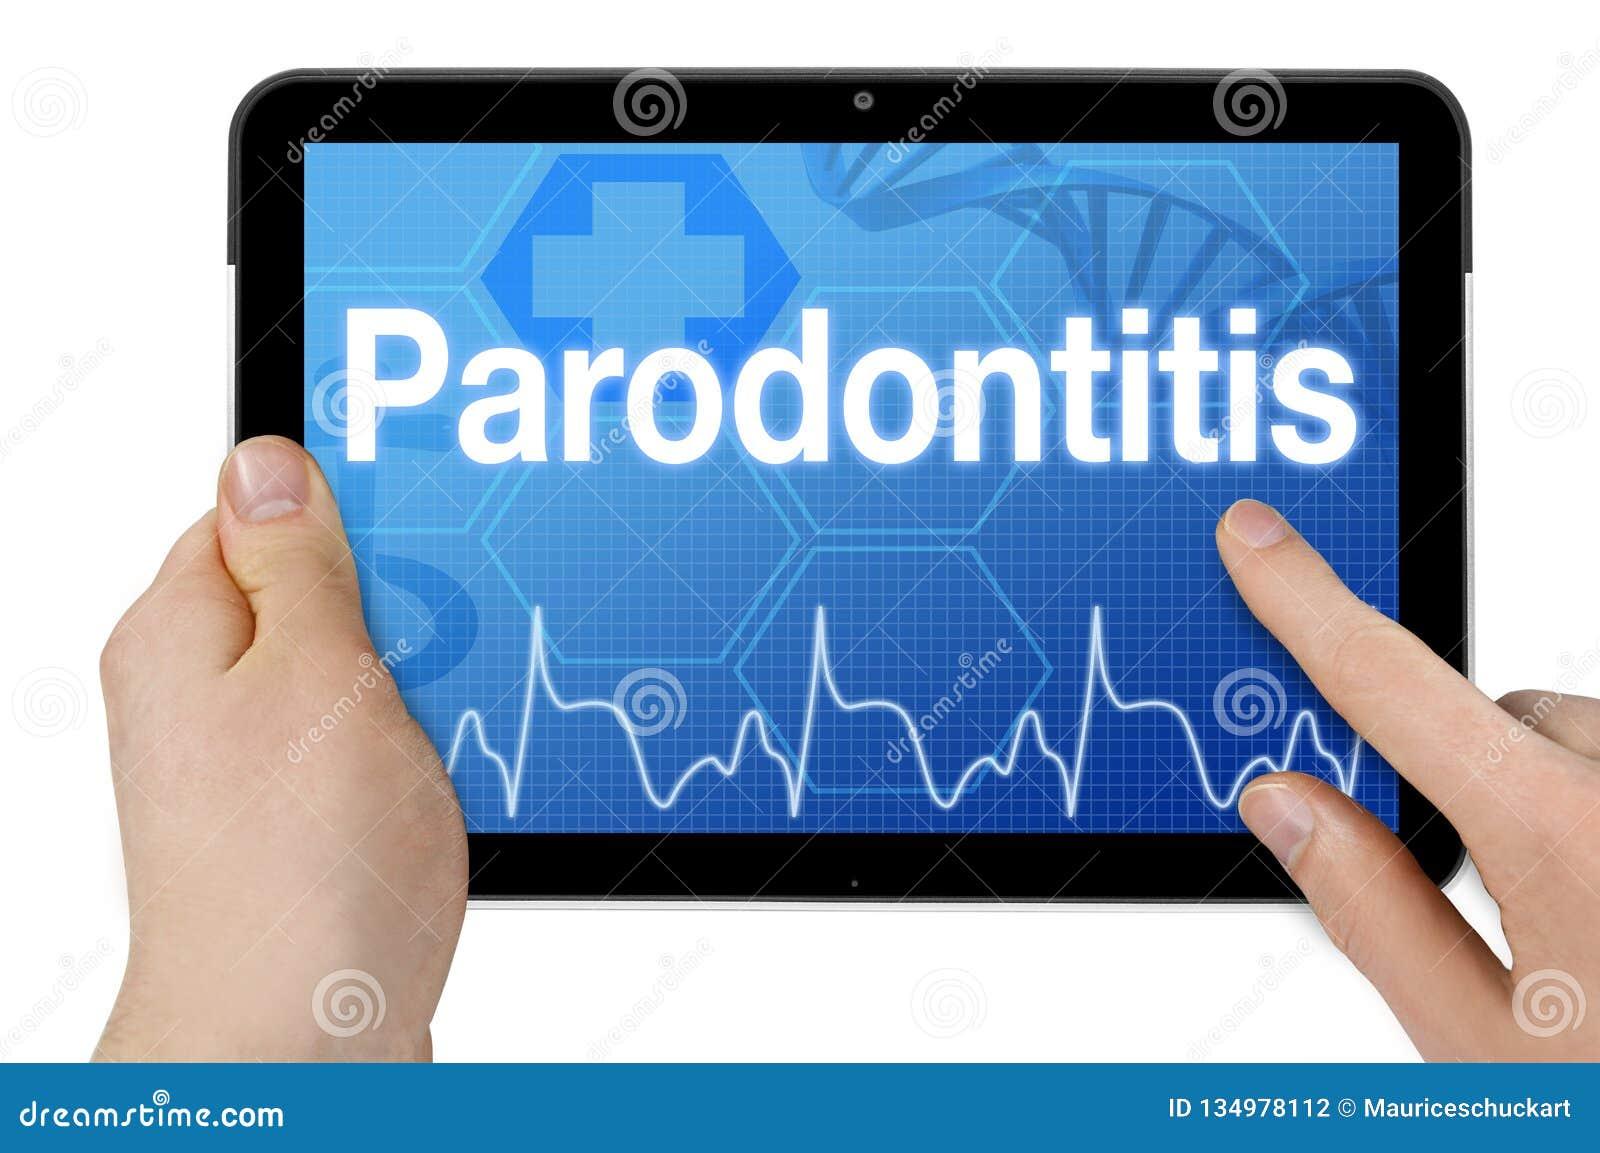 Планшет с немецким словом для periodontitis - Parodontitis